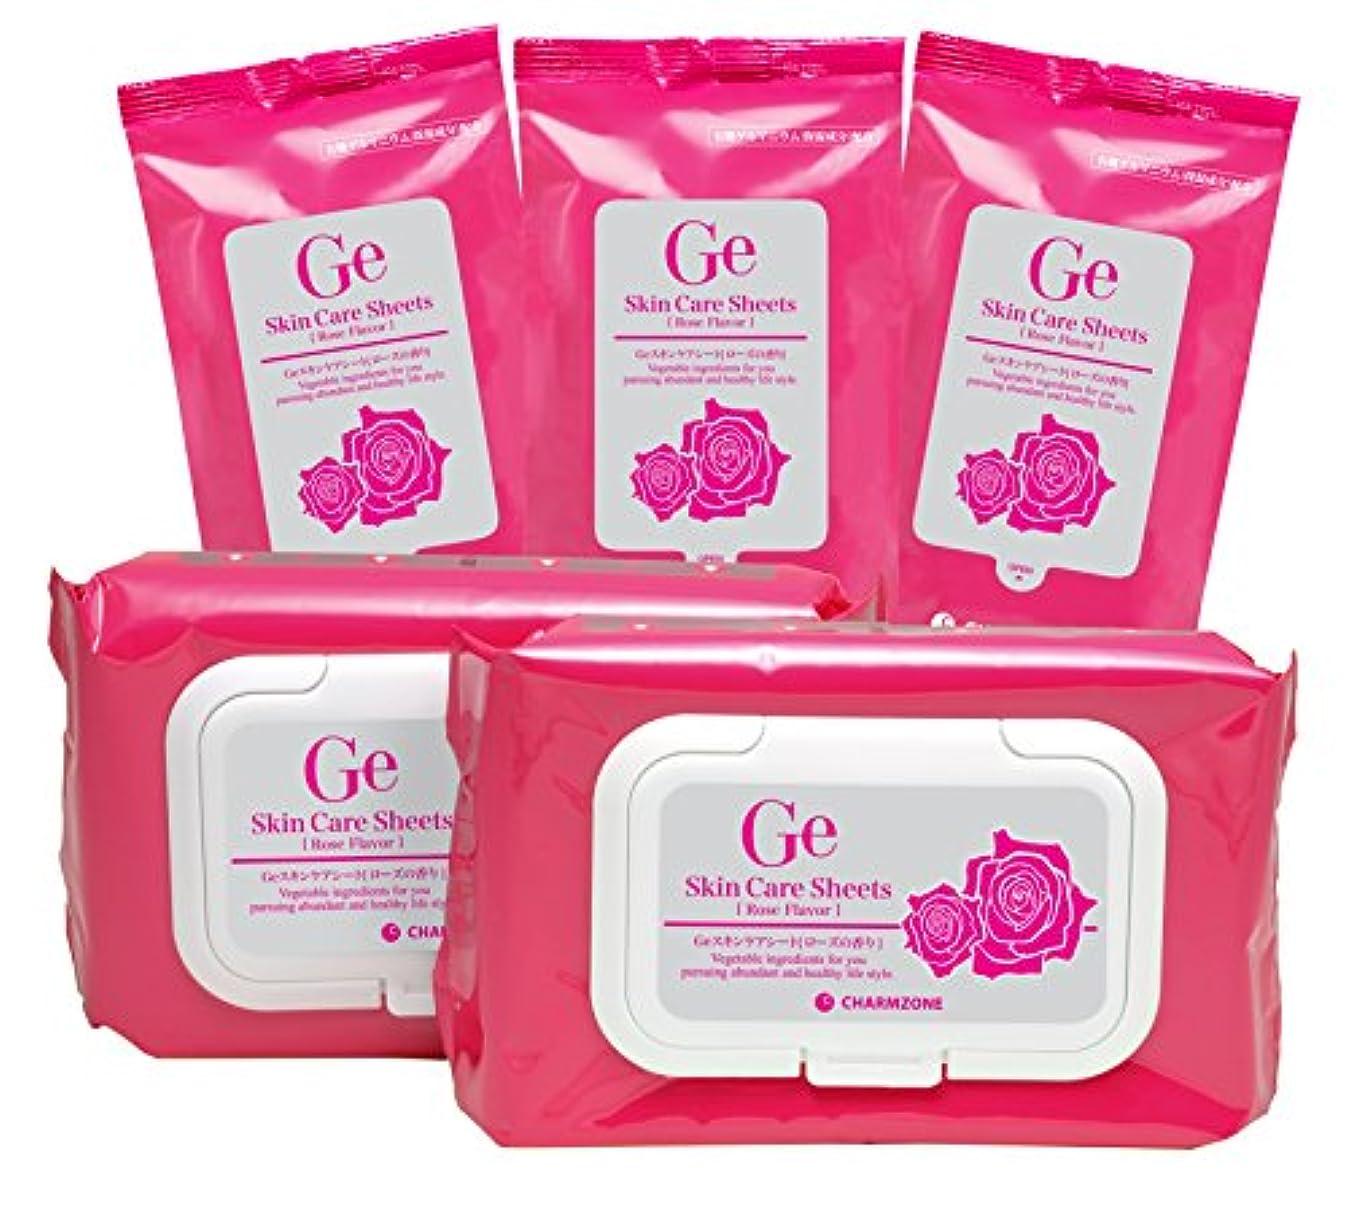 CHARM ZONE(チャームゾーン) Geスキンケアシート ローズの香り150枚入 人気韓国コスメ! クレンジングもスキンケアもこれ1枚でOK!